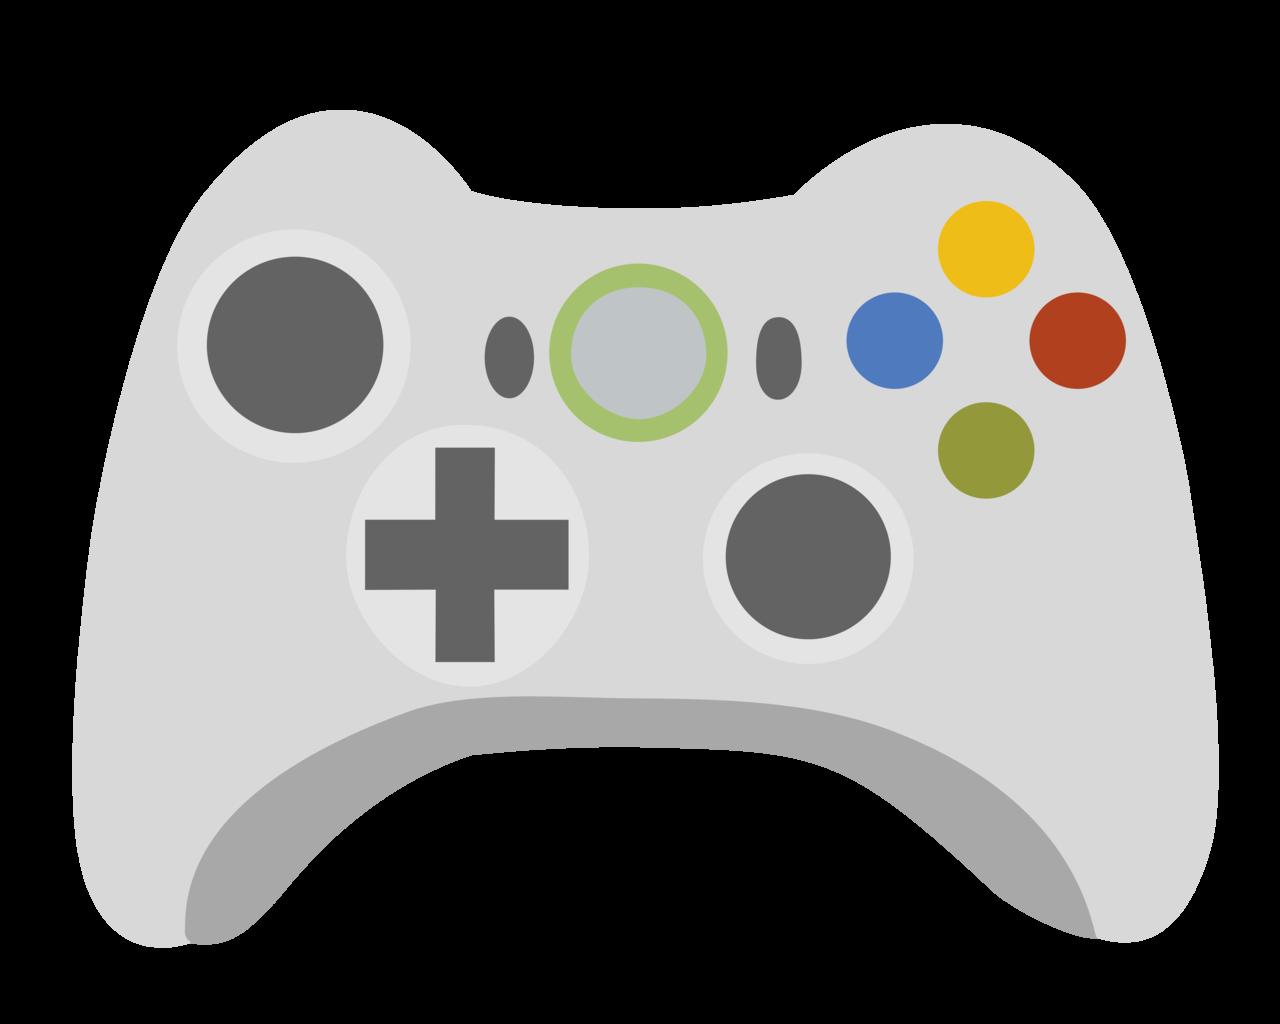 Xbox 360 Controller Cutie Mark